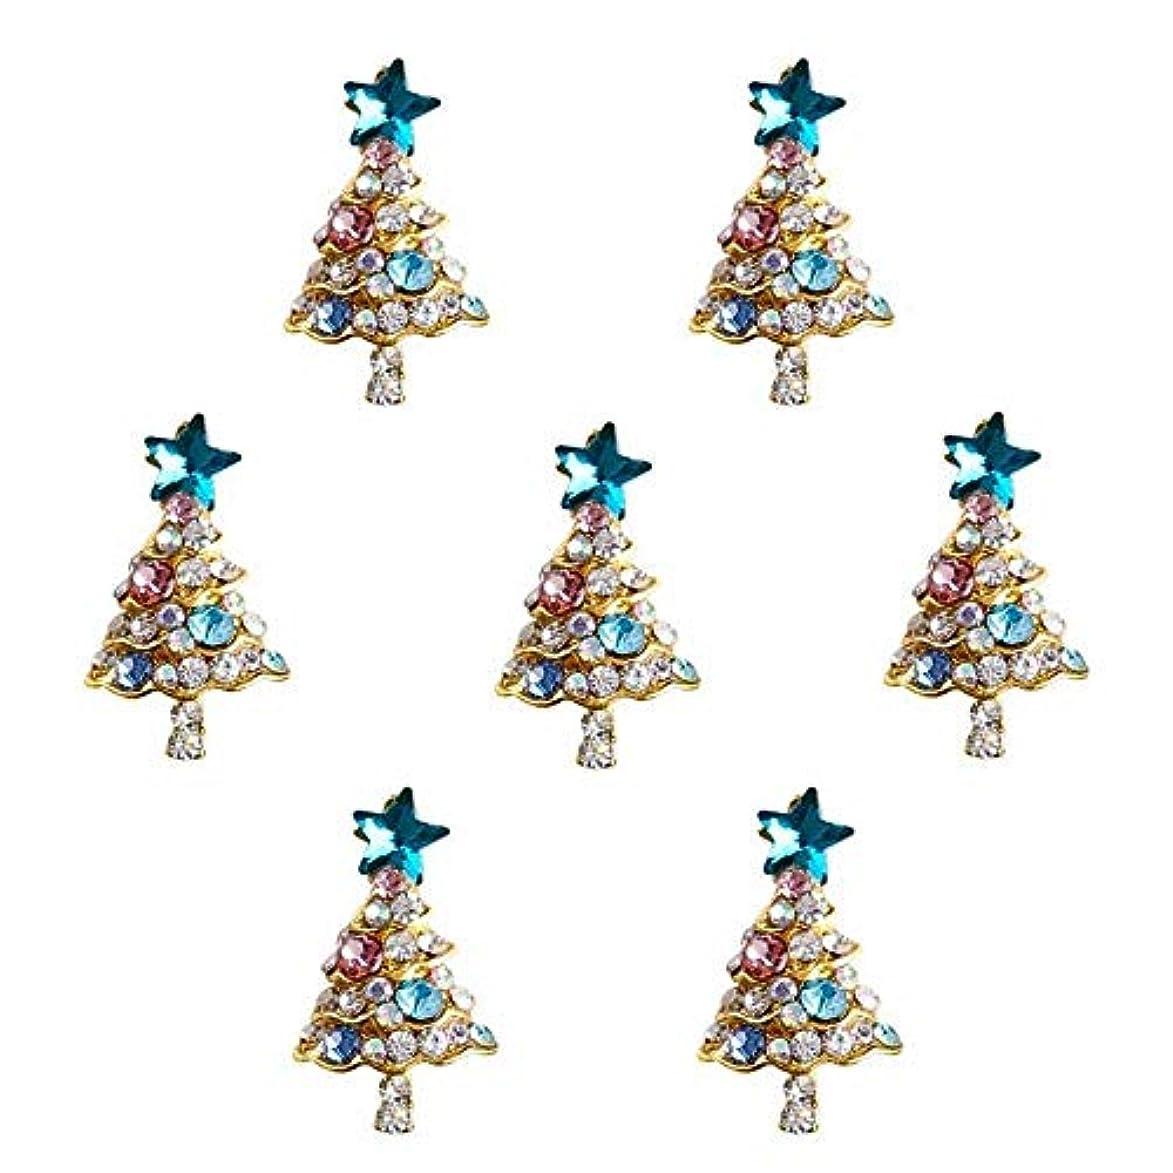 ジャズベッドを作る第三10個入り/ロット3Dラインストーンの装飾ブルーグリッタースタークリスマスツリーのデザイン接着剤ネイルアートDIYスタッドは、合金用品